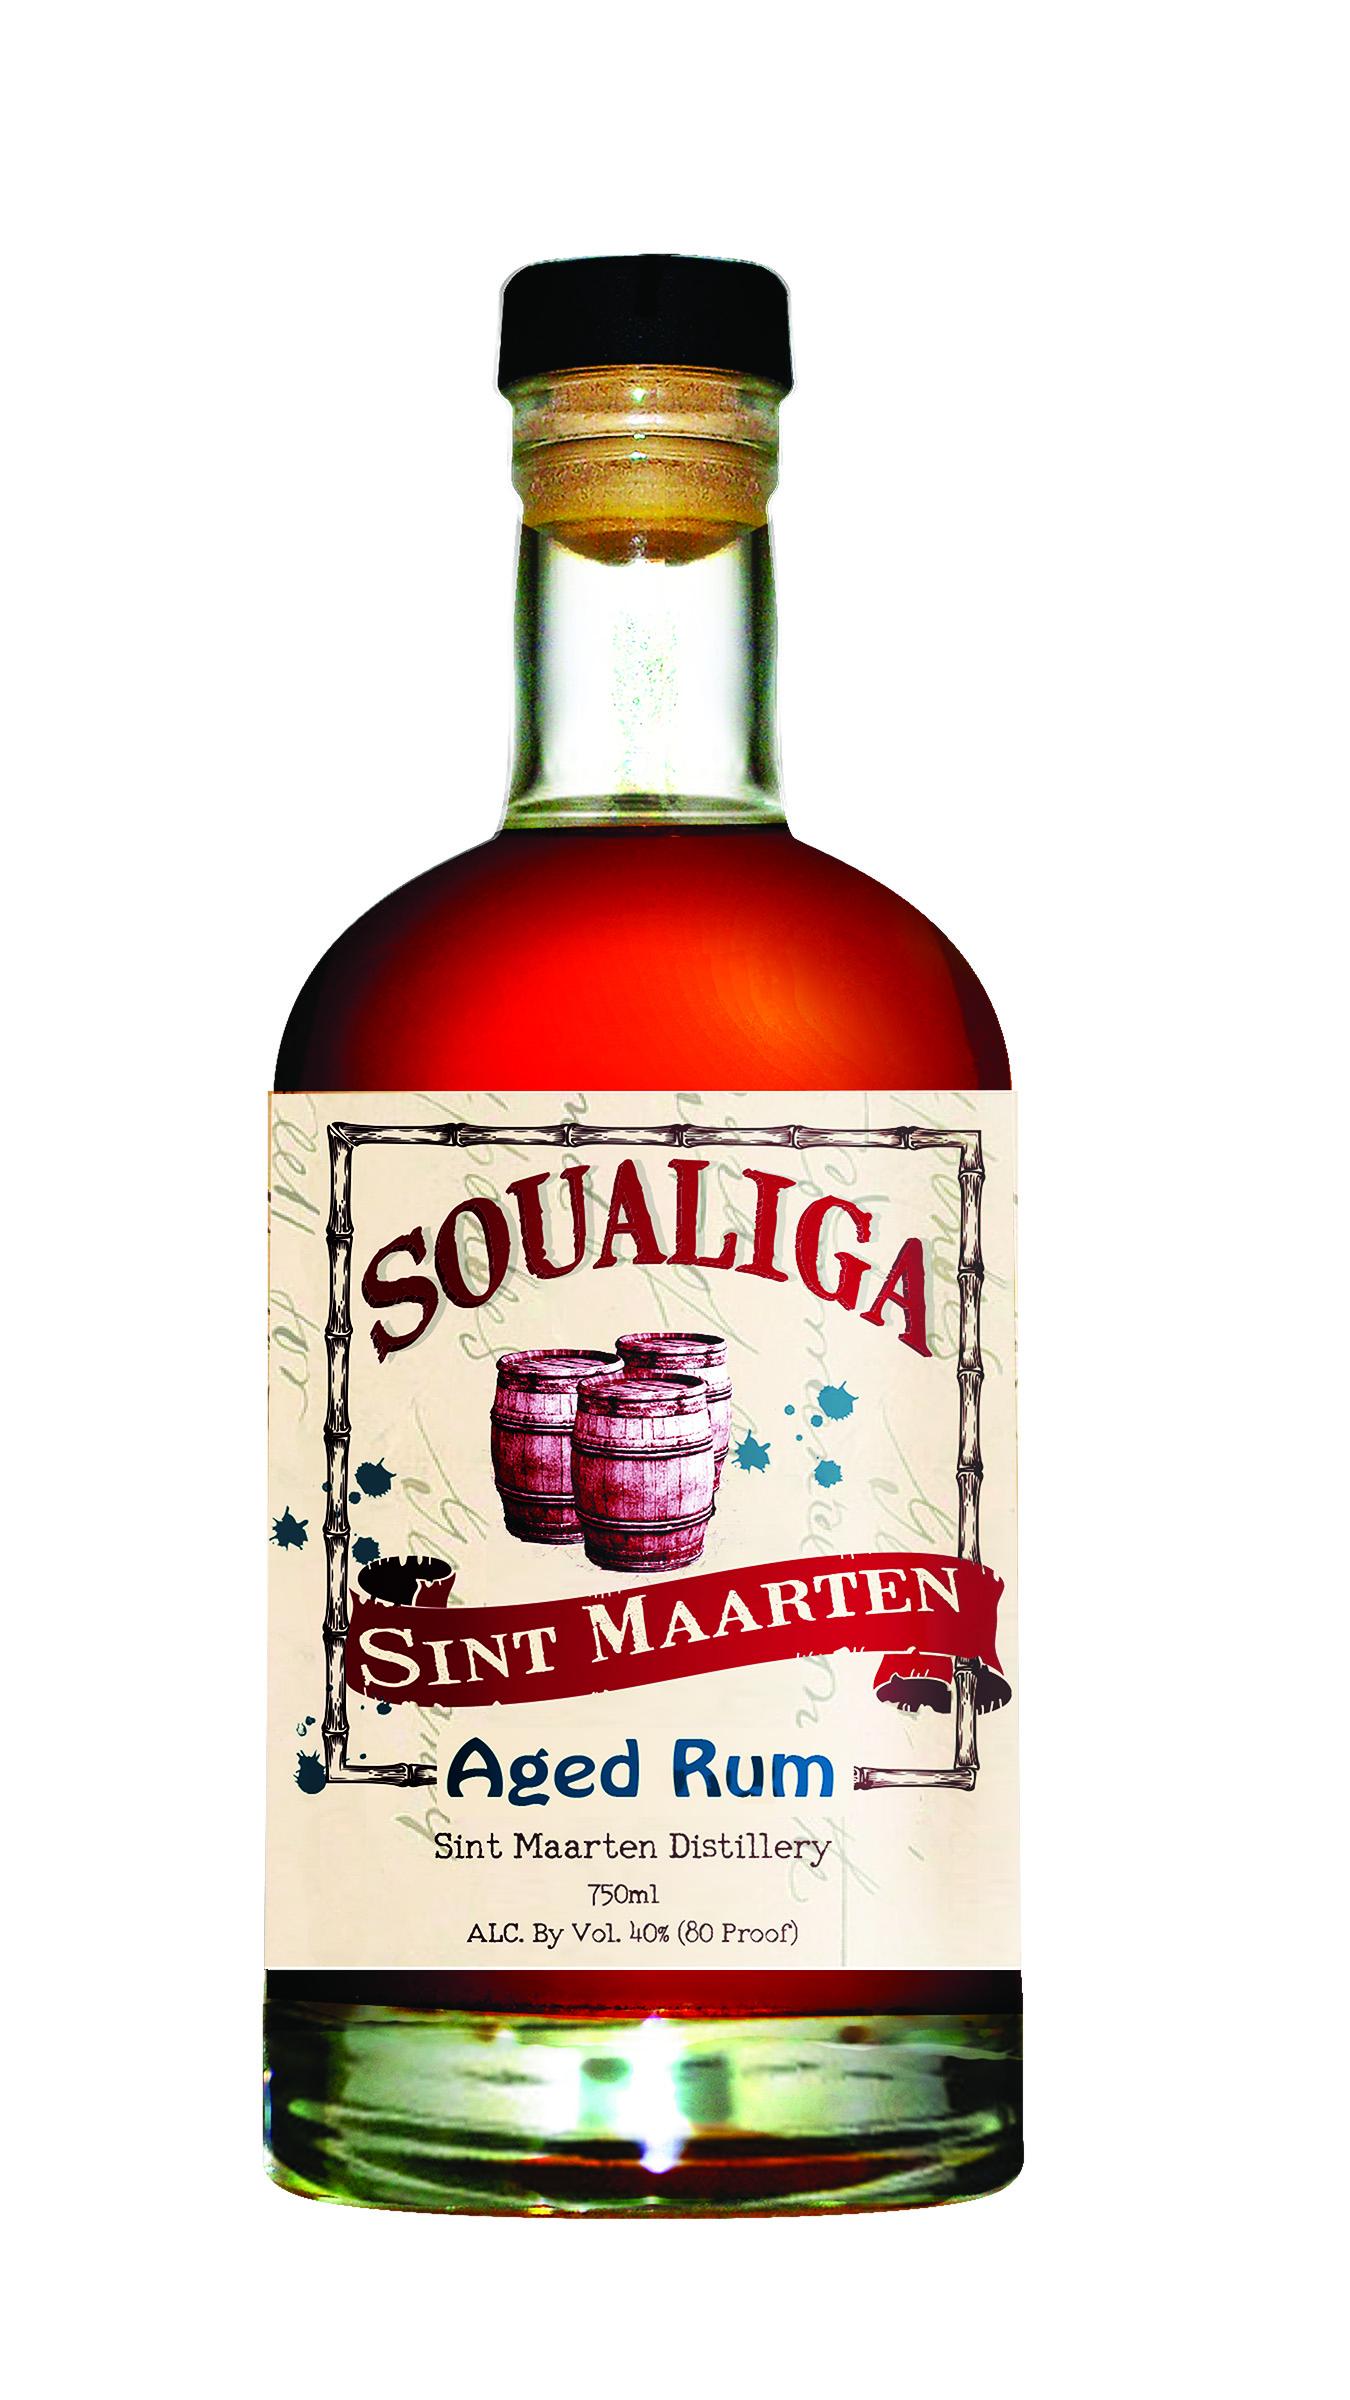 Soualiga Age Rum